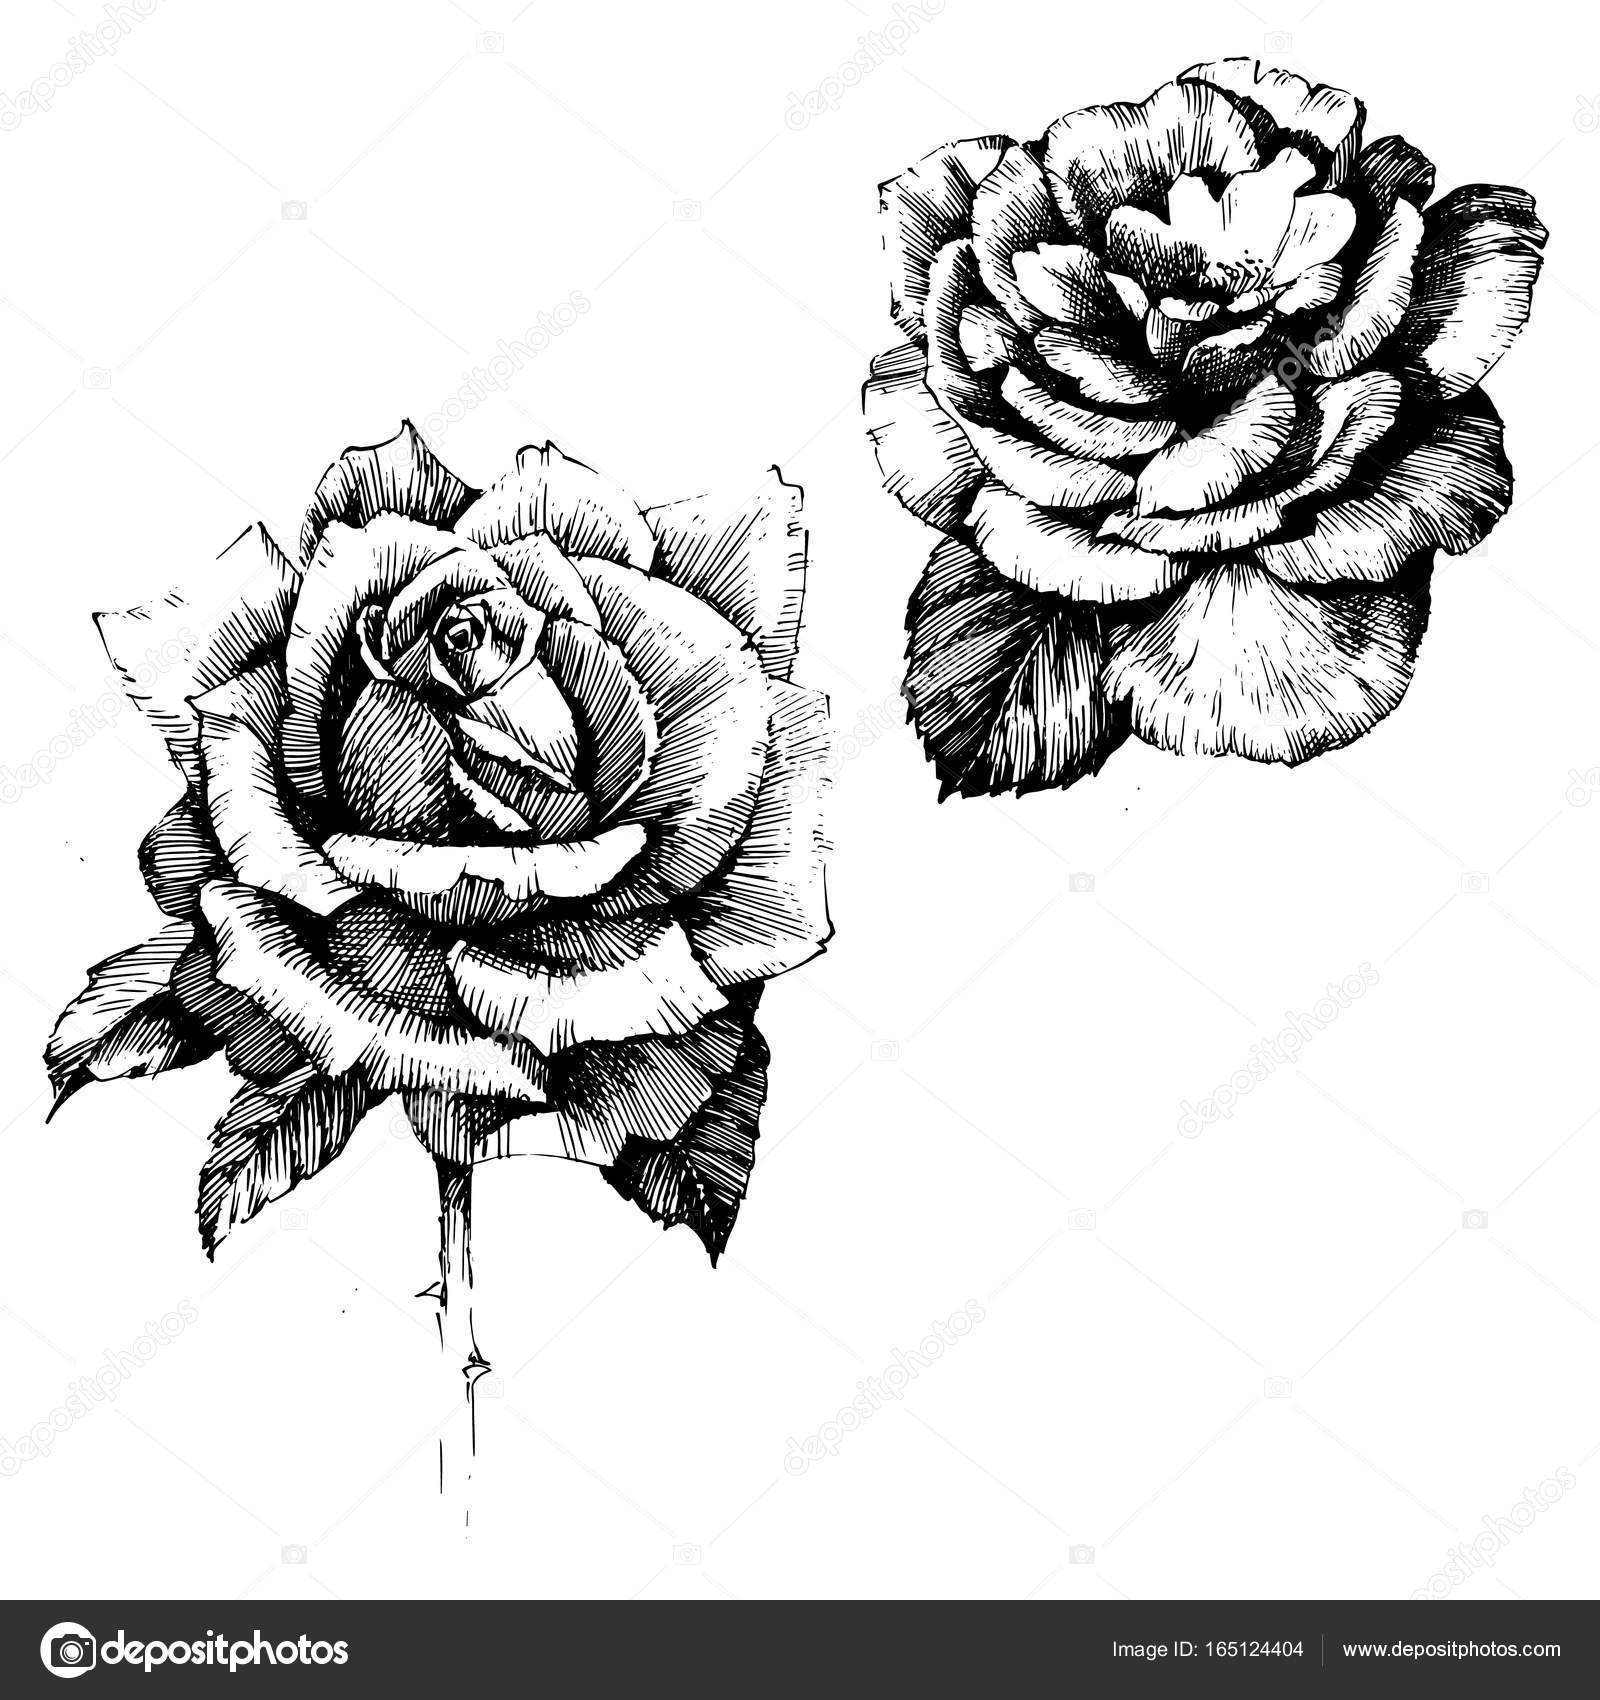 Dessin fleurs rose ink image vectorielle acantstudio - Dessin fleur rose ...